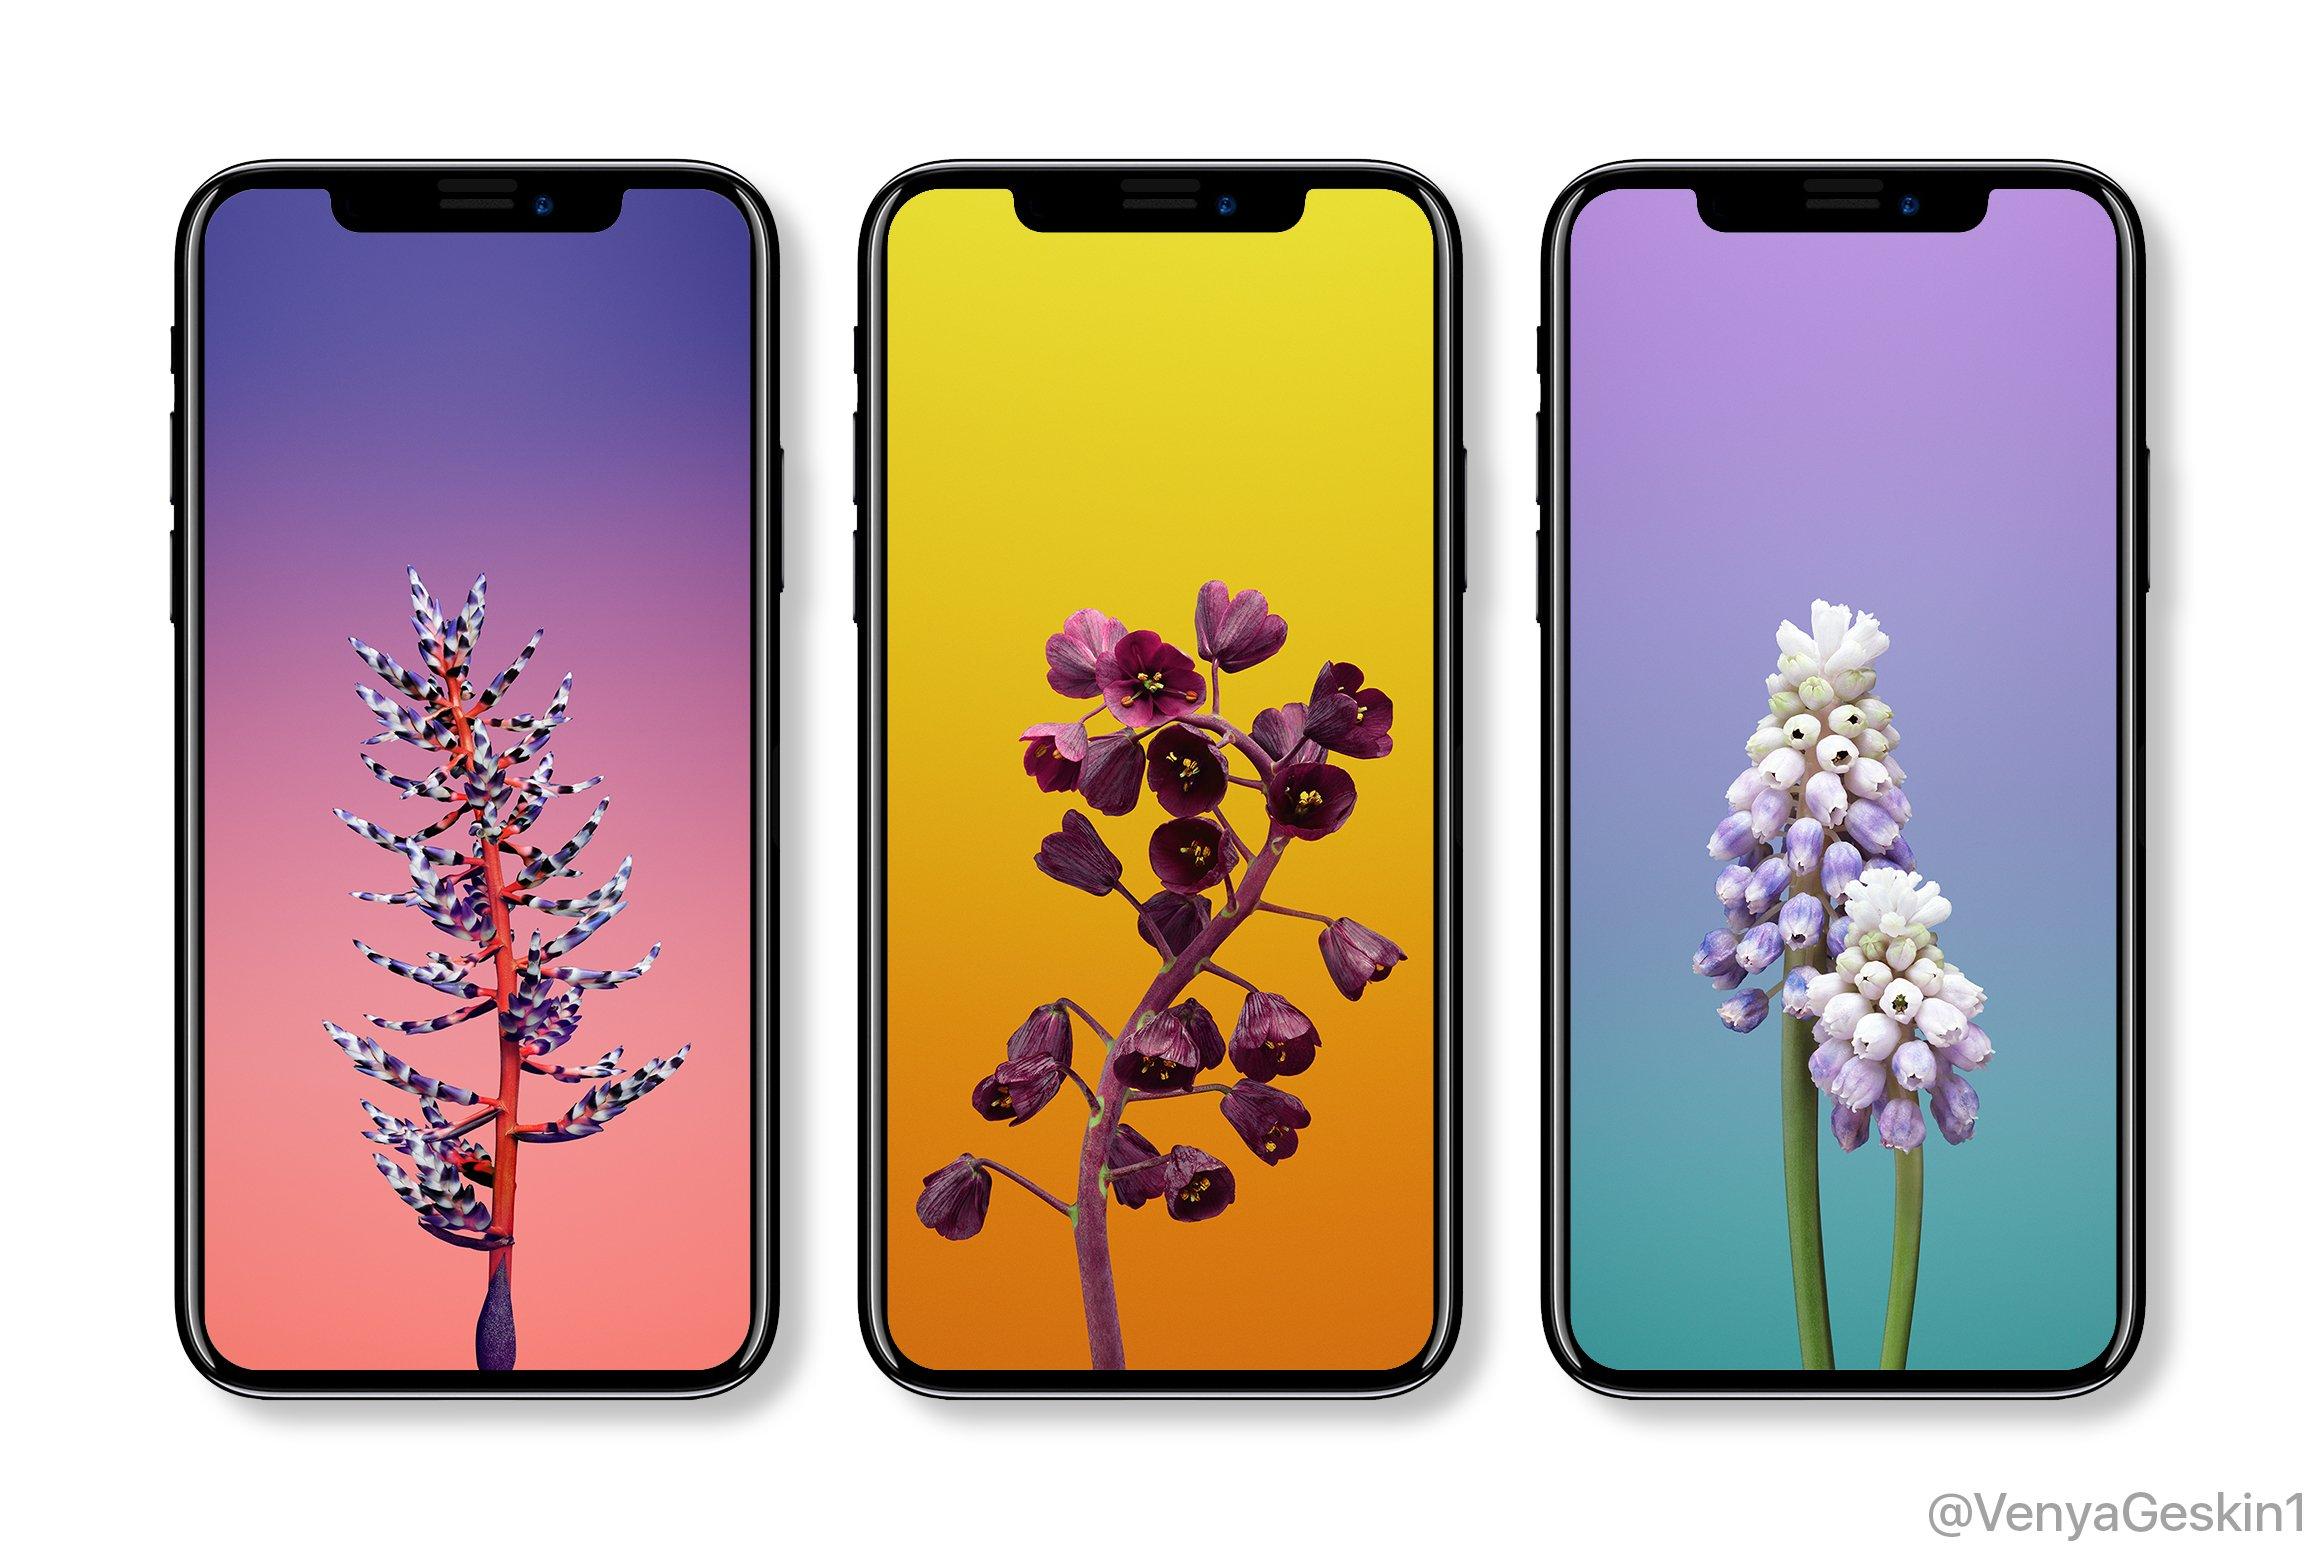 Apple iPhone X : iOS 11 confirme les caractéristiques et révèle des nouveautés